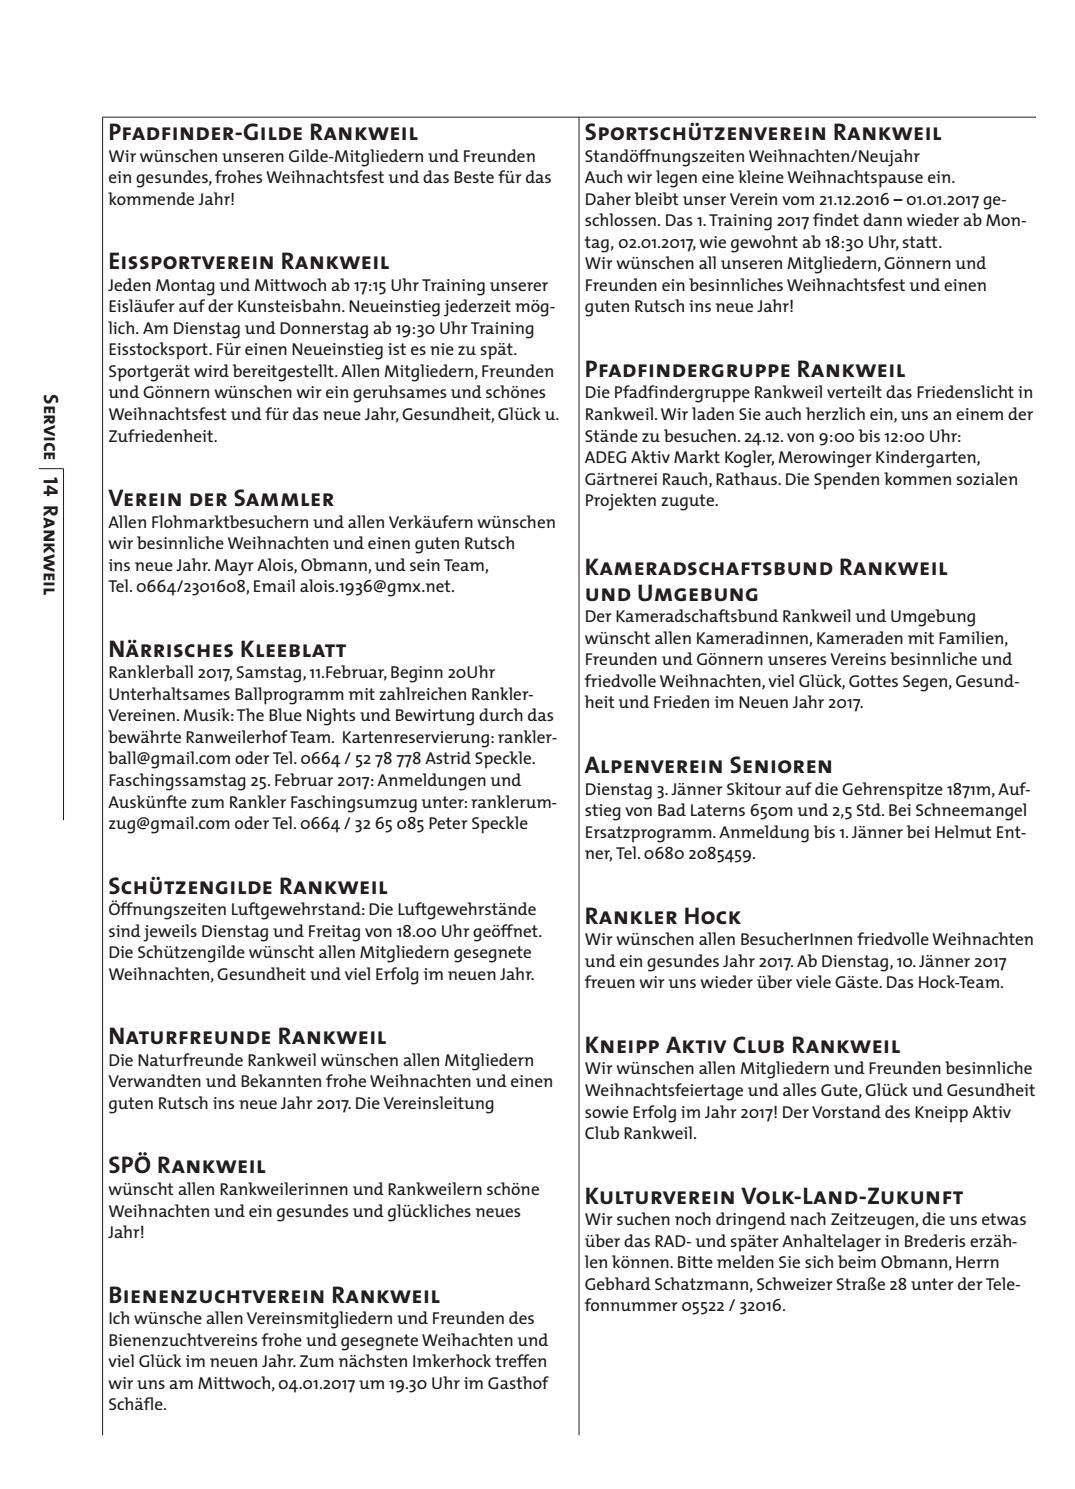 Gemeindeblatt Woche 51 52 by Rankweil - issuu